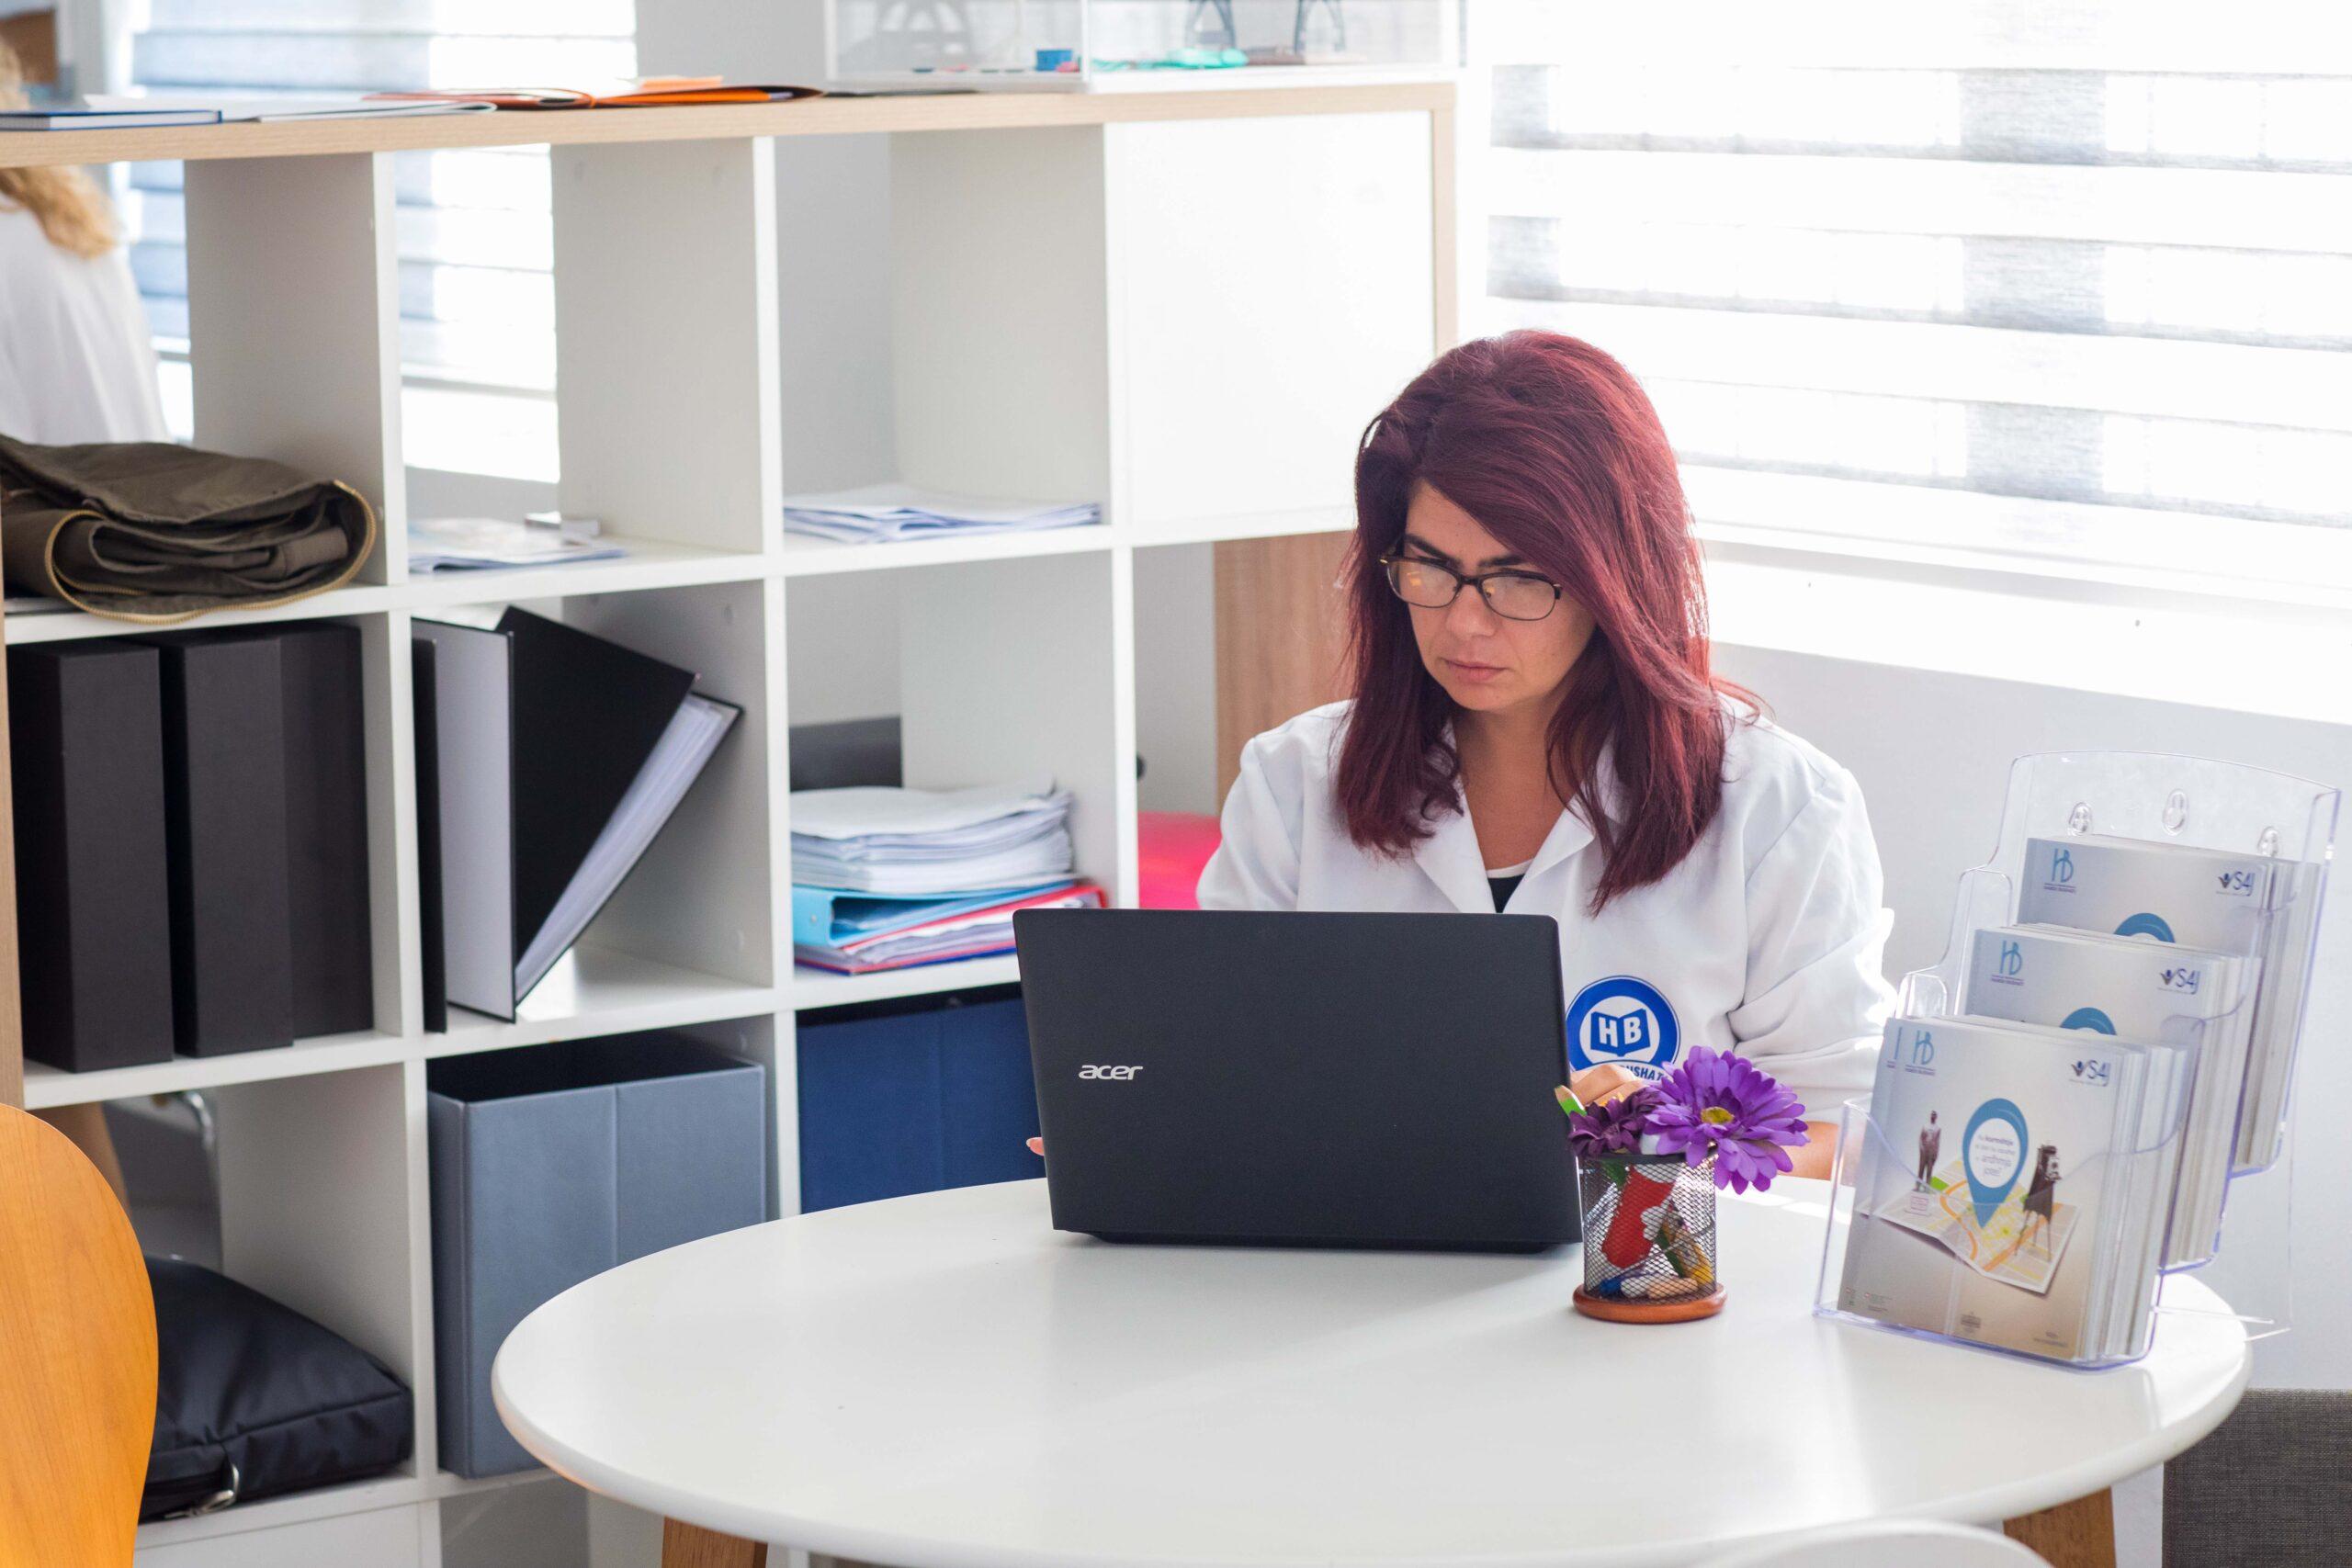 Zhvillimi profesional i mësuesve për mësimin e kombinuar dhe online